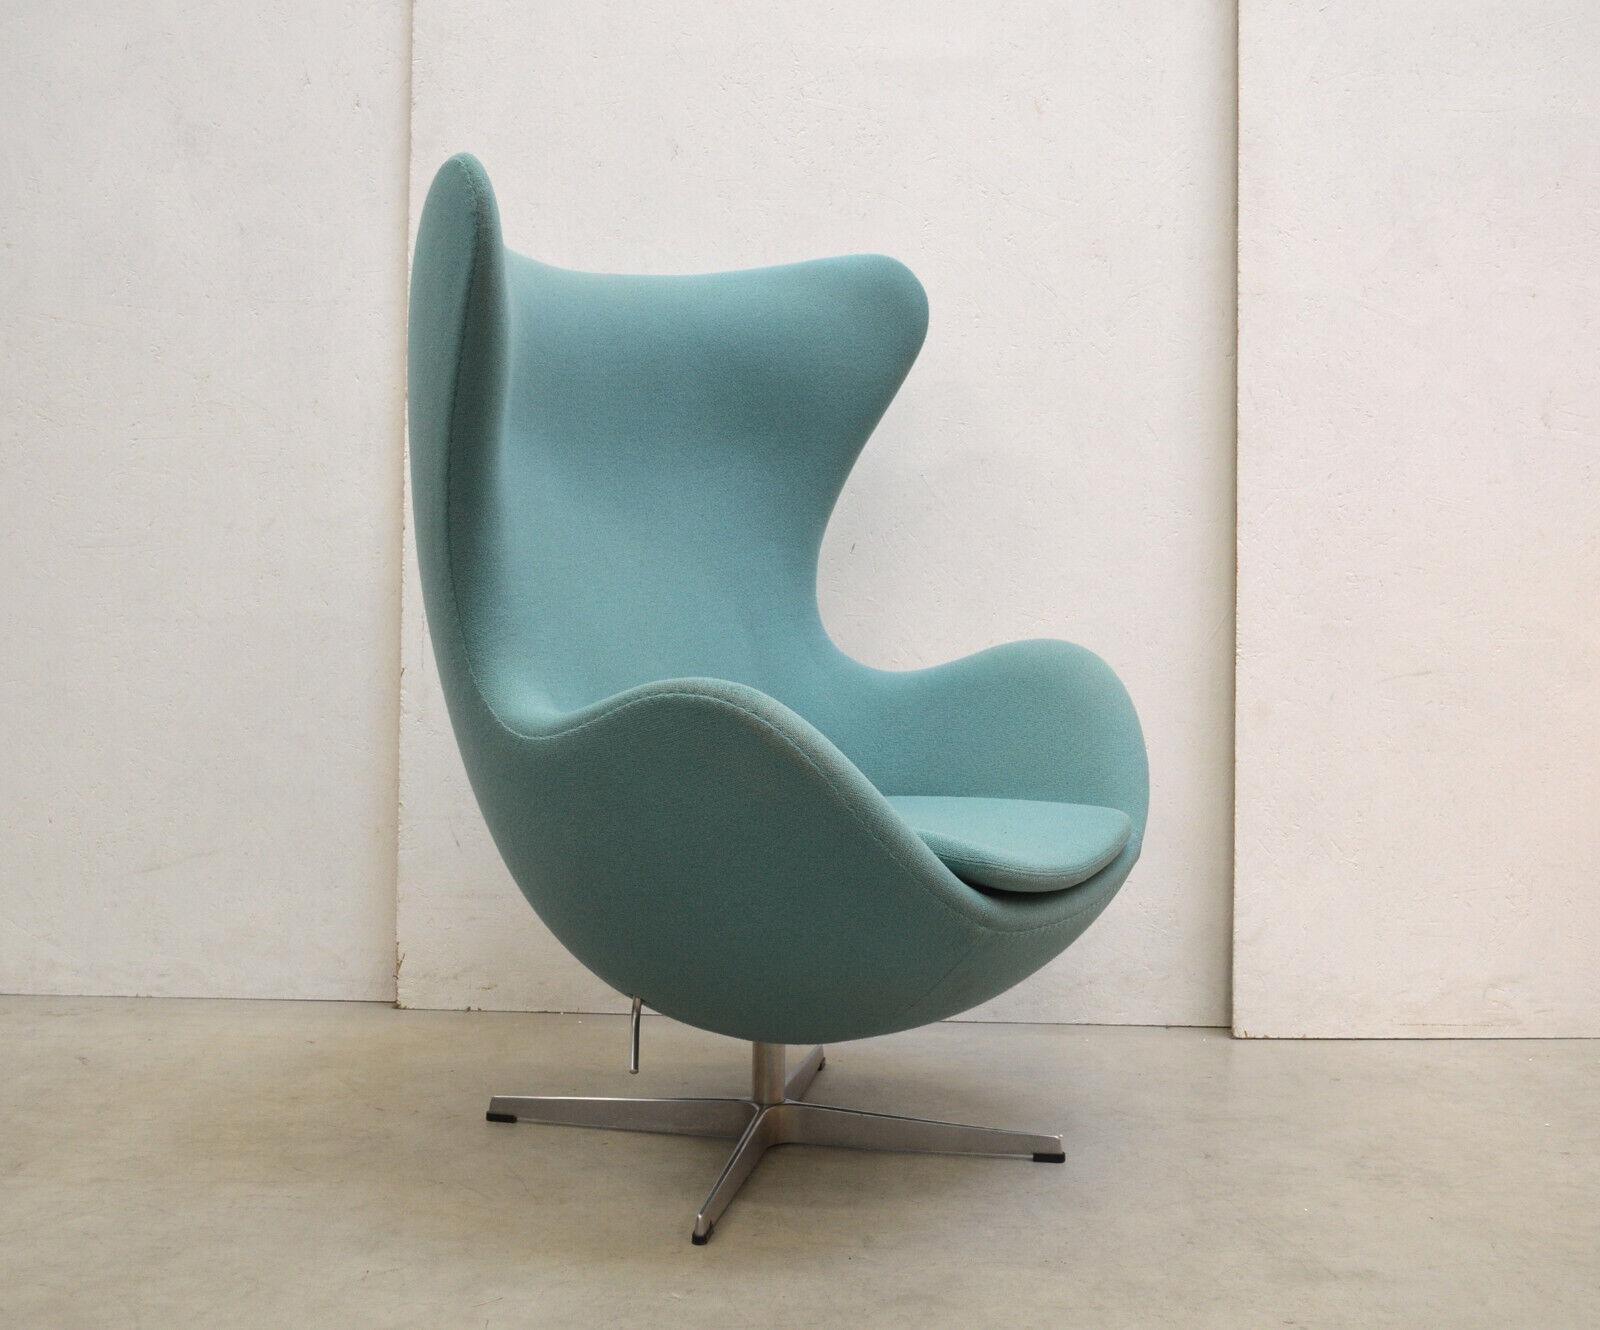 Orig. ARNE Jacobsen EGG Chair by FRITZ Hansen Sessel STOFF Türkis Blaugrün